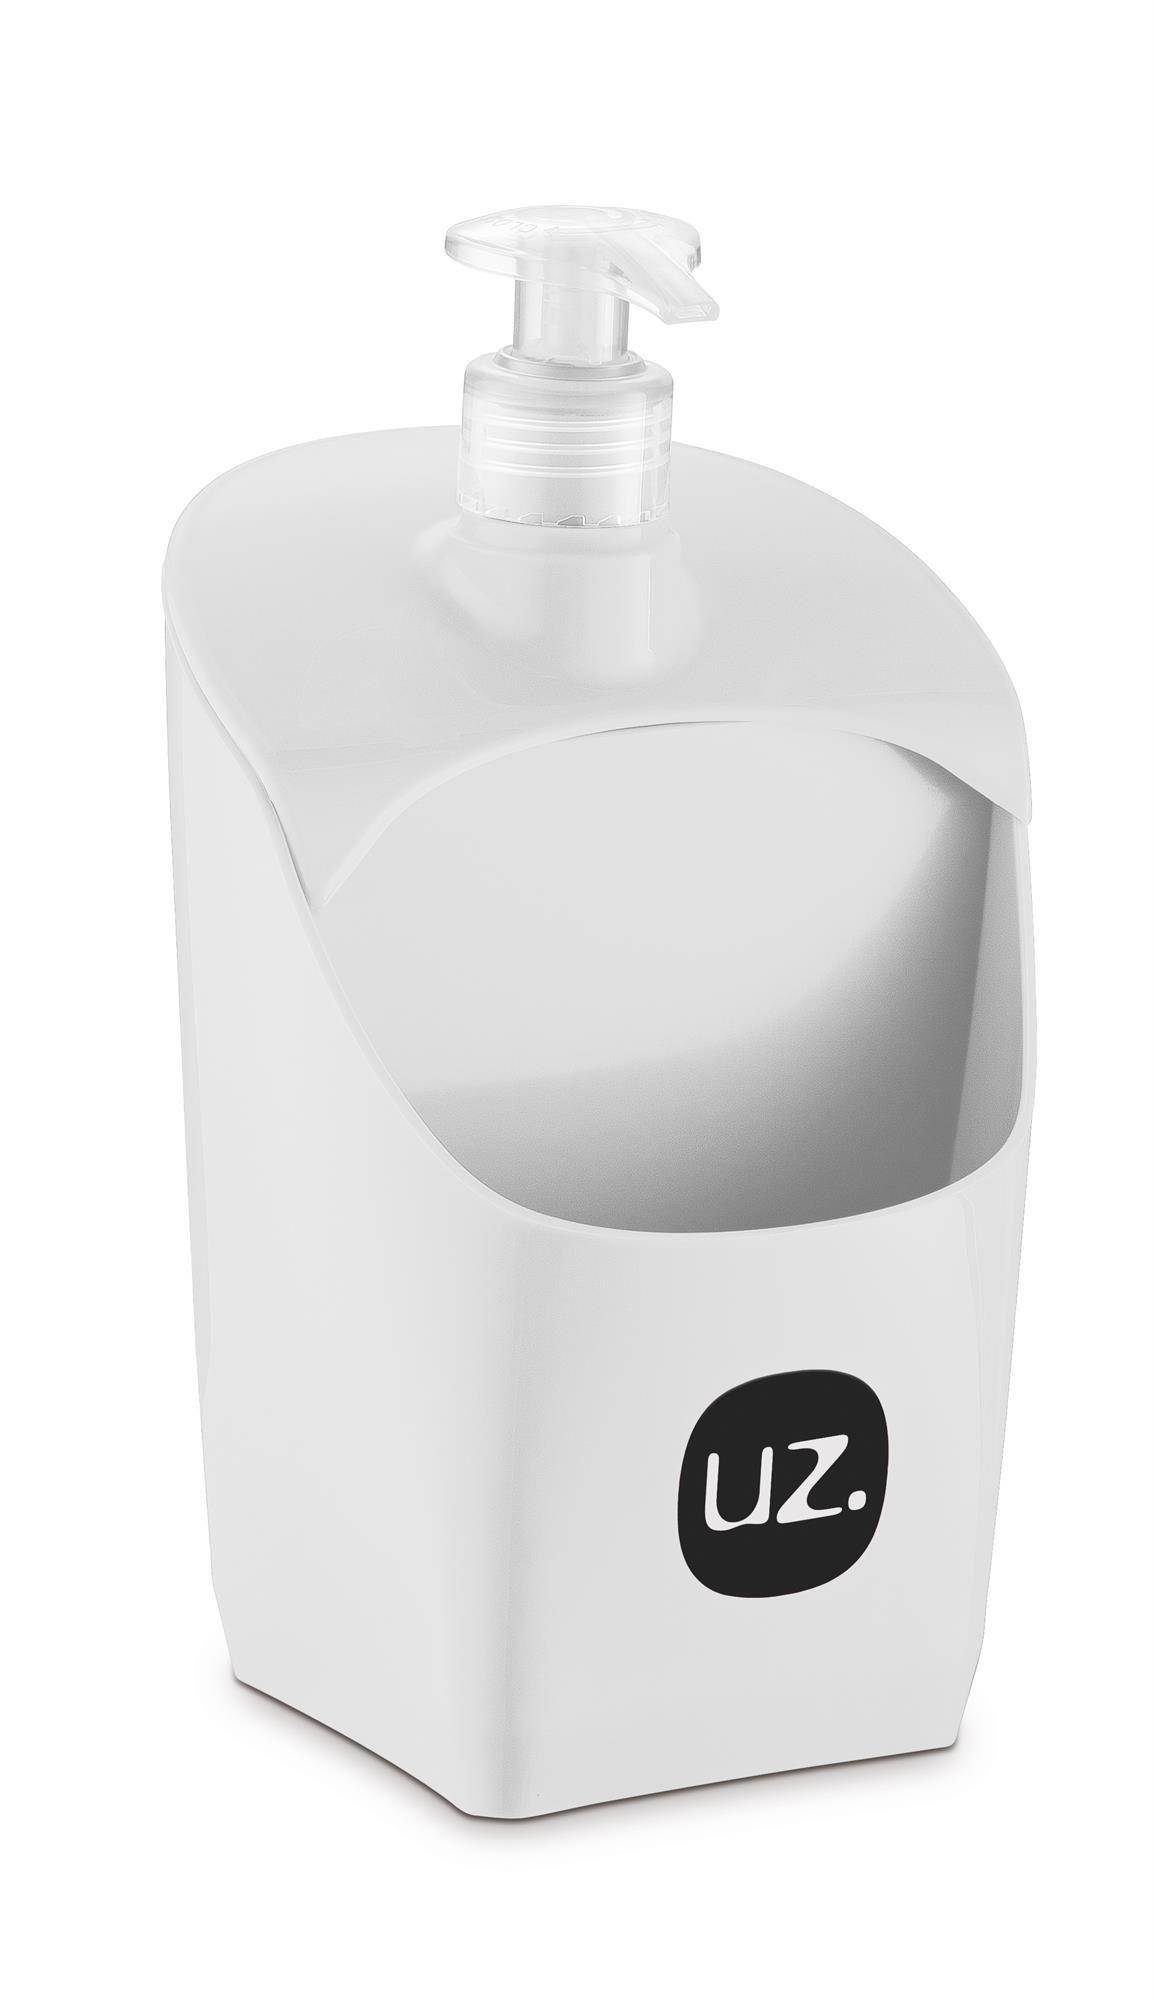 Porta Detergente Com Suporte Para Esponja Plástico UZ Branco